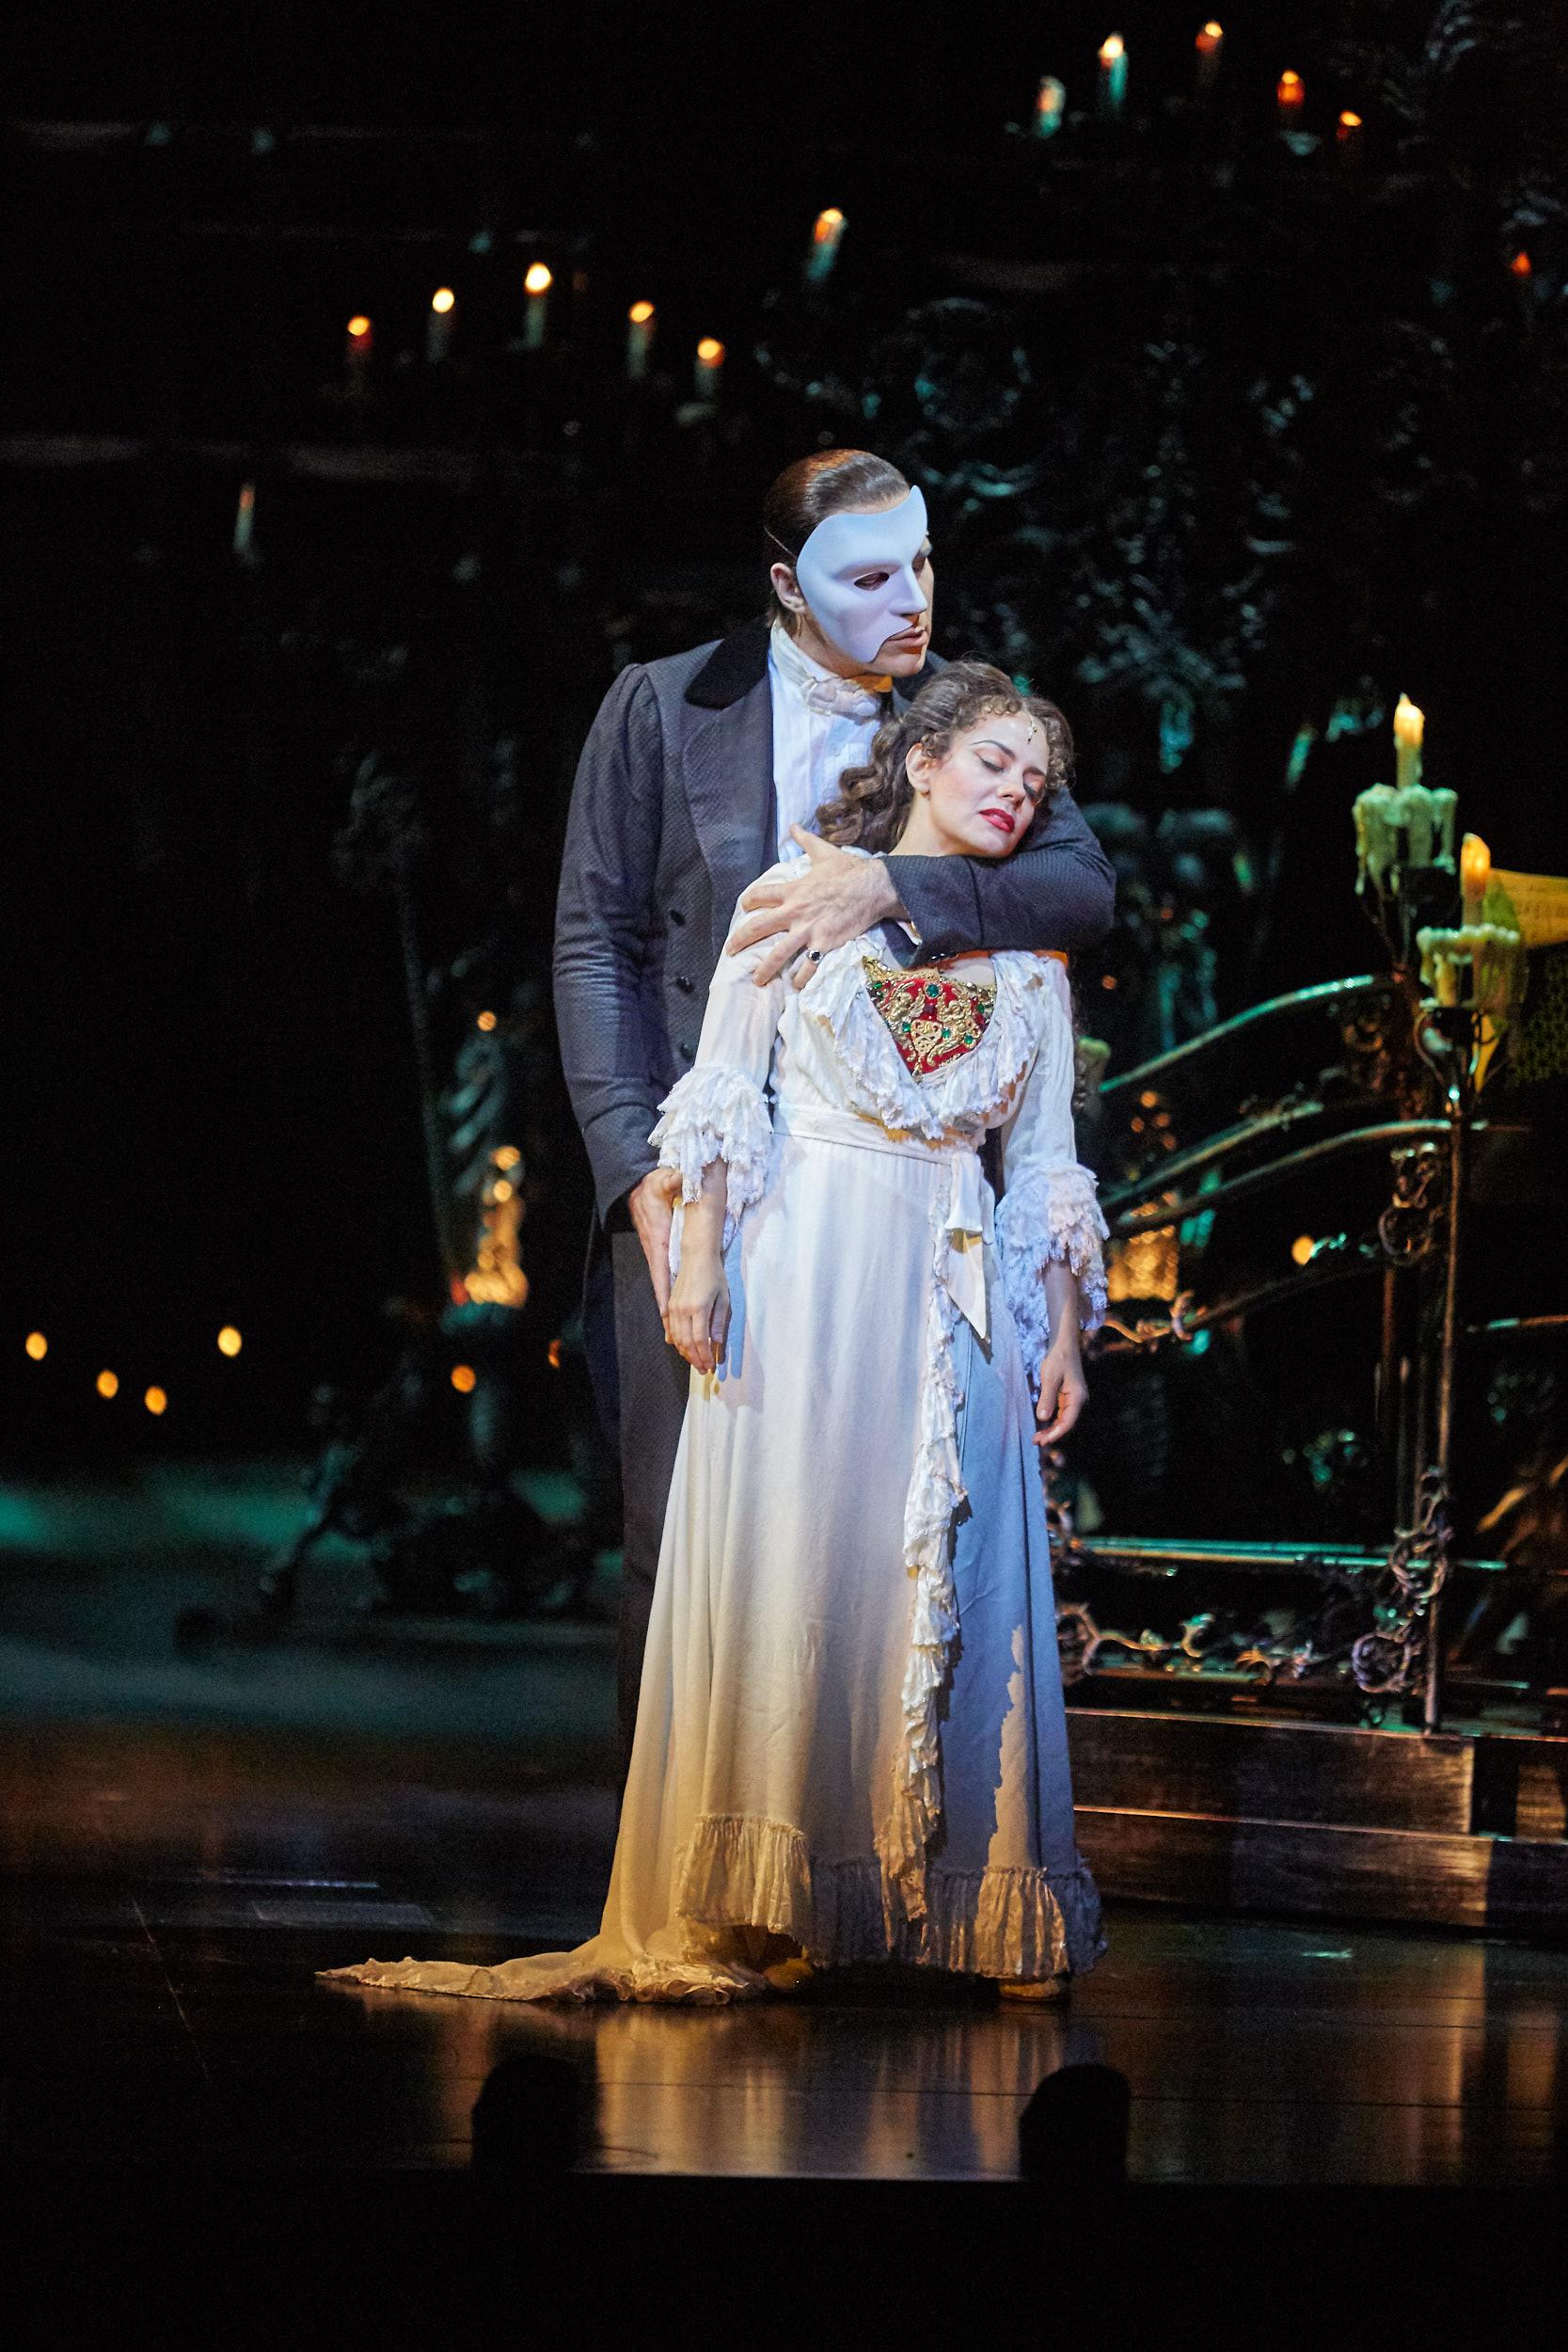 פנאום האופרה   צילום : שוקה כהן